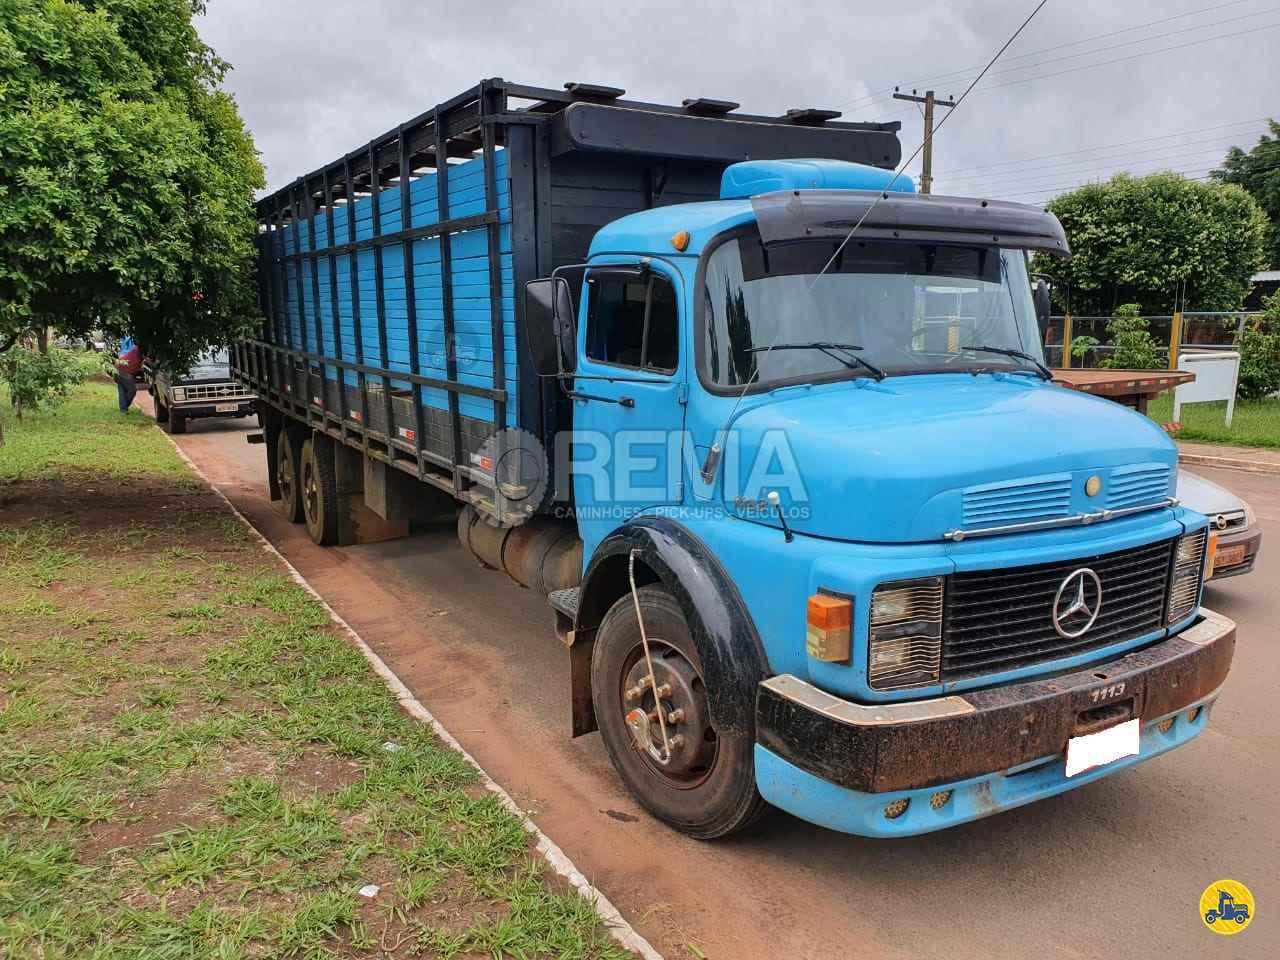 CAMINHAO MERCEDES-BENZ MB 1113 Boiadeiro Truck 6x2 Rema Caminhões - MS CAMPO GRANDE MATO GROSSO DO SUL MS